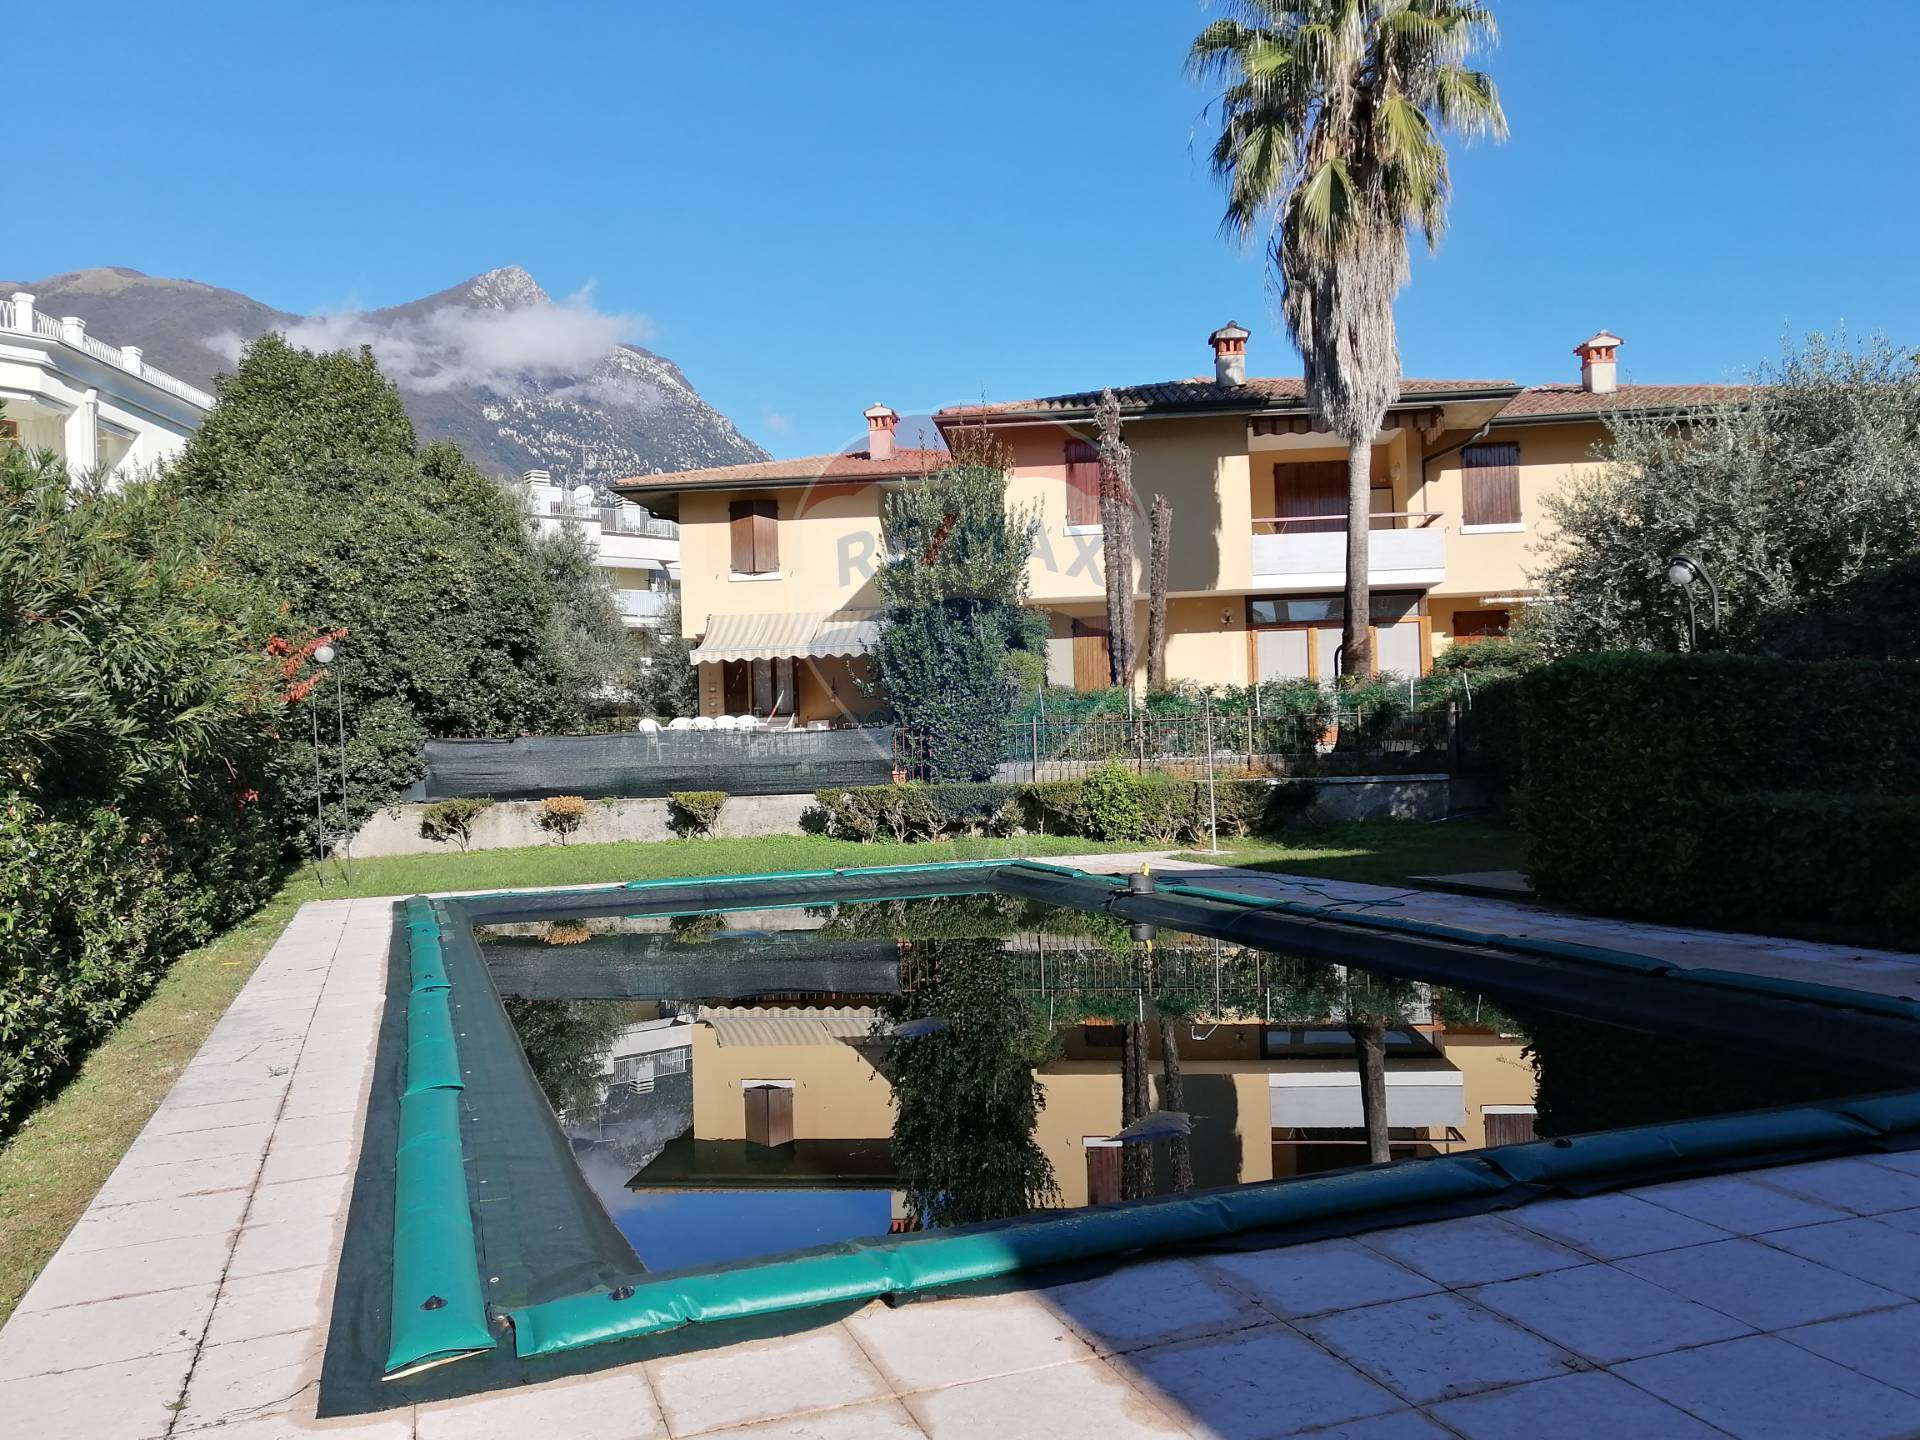 Appartamento in vendita a Toscolano-Maderno, 3 locali, zona rno, prezzo € 260.000   PortaleAgenzieImmobiliari.it